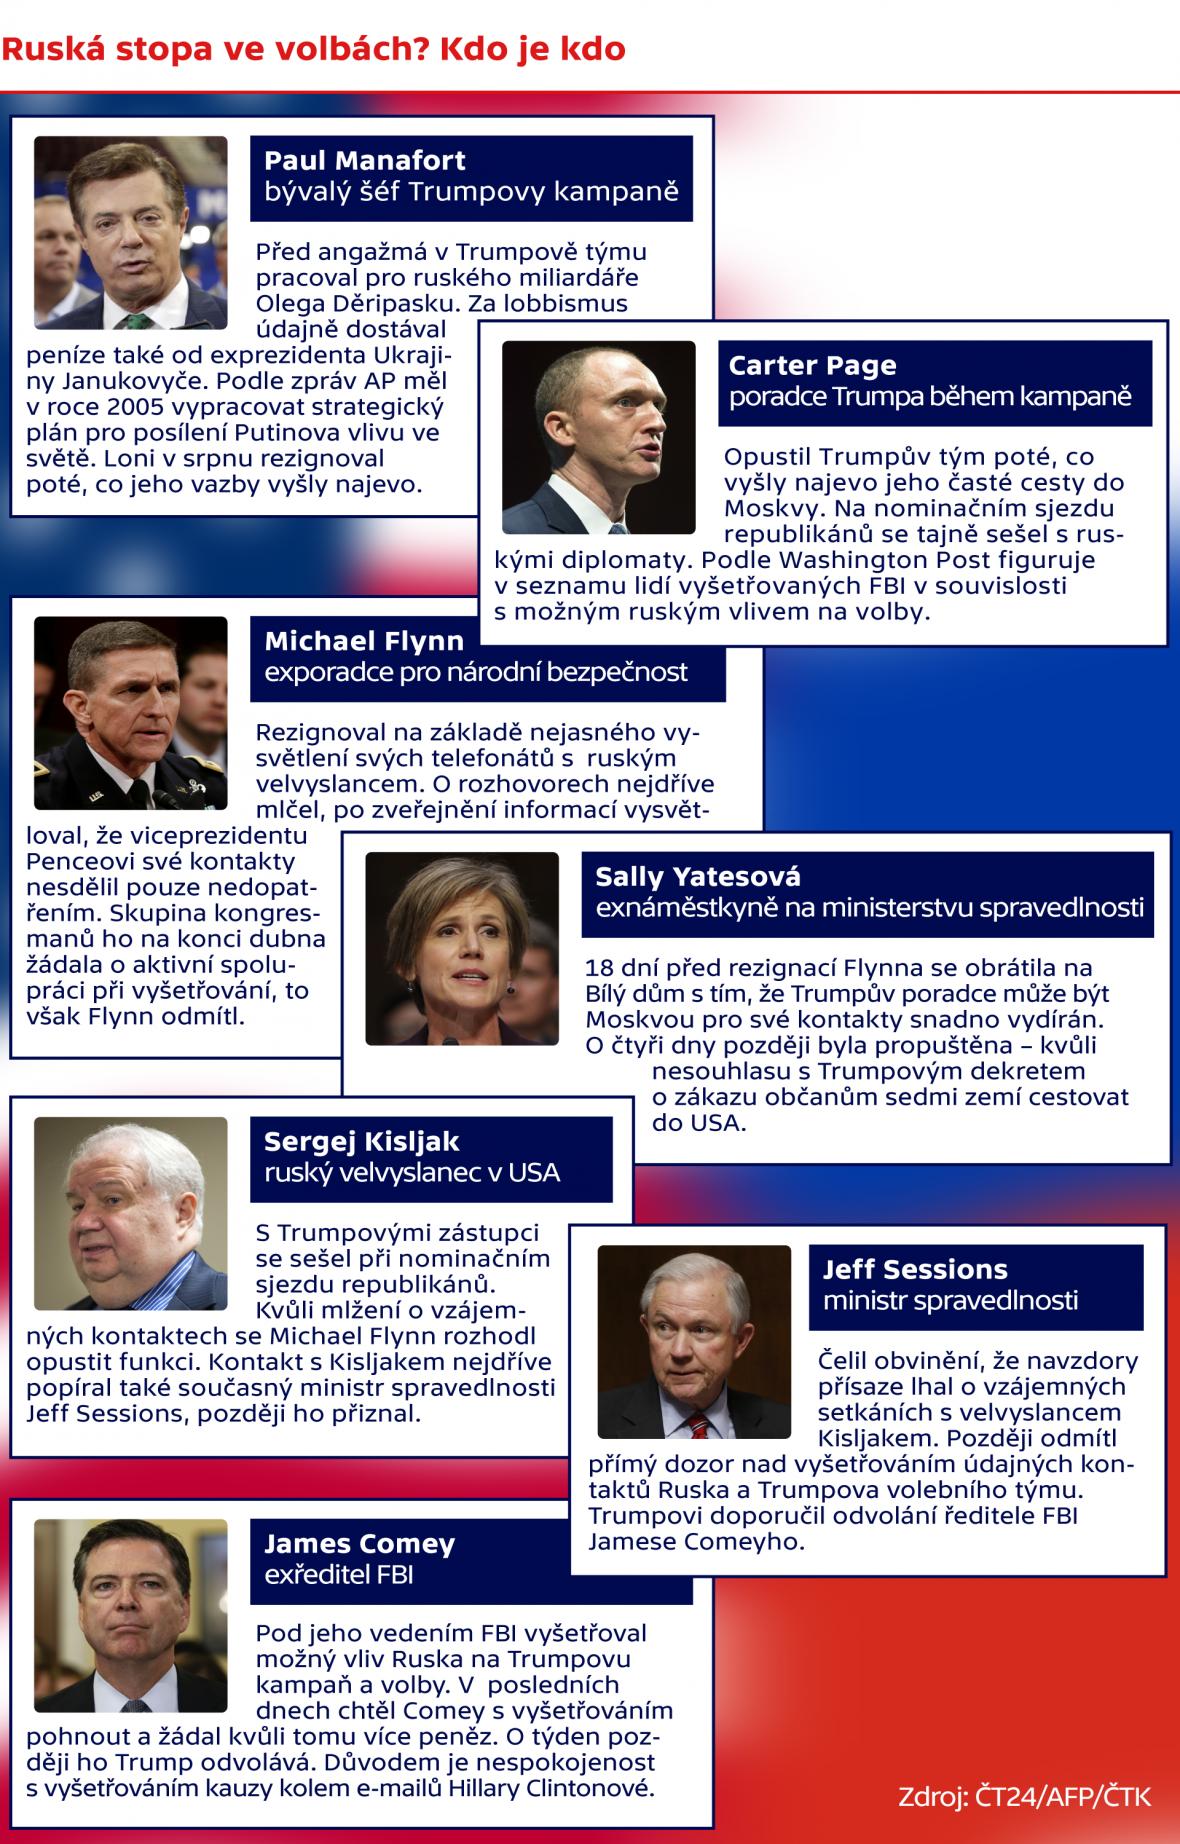 Ruská stopa ve volbách? Kdo je kdo